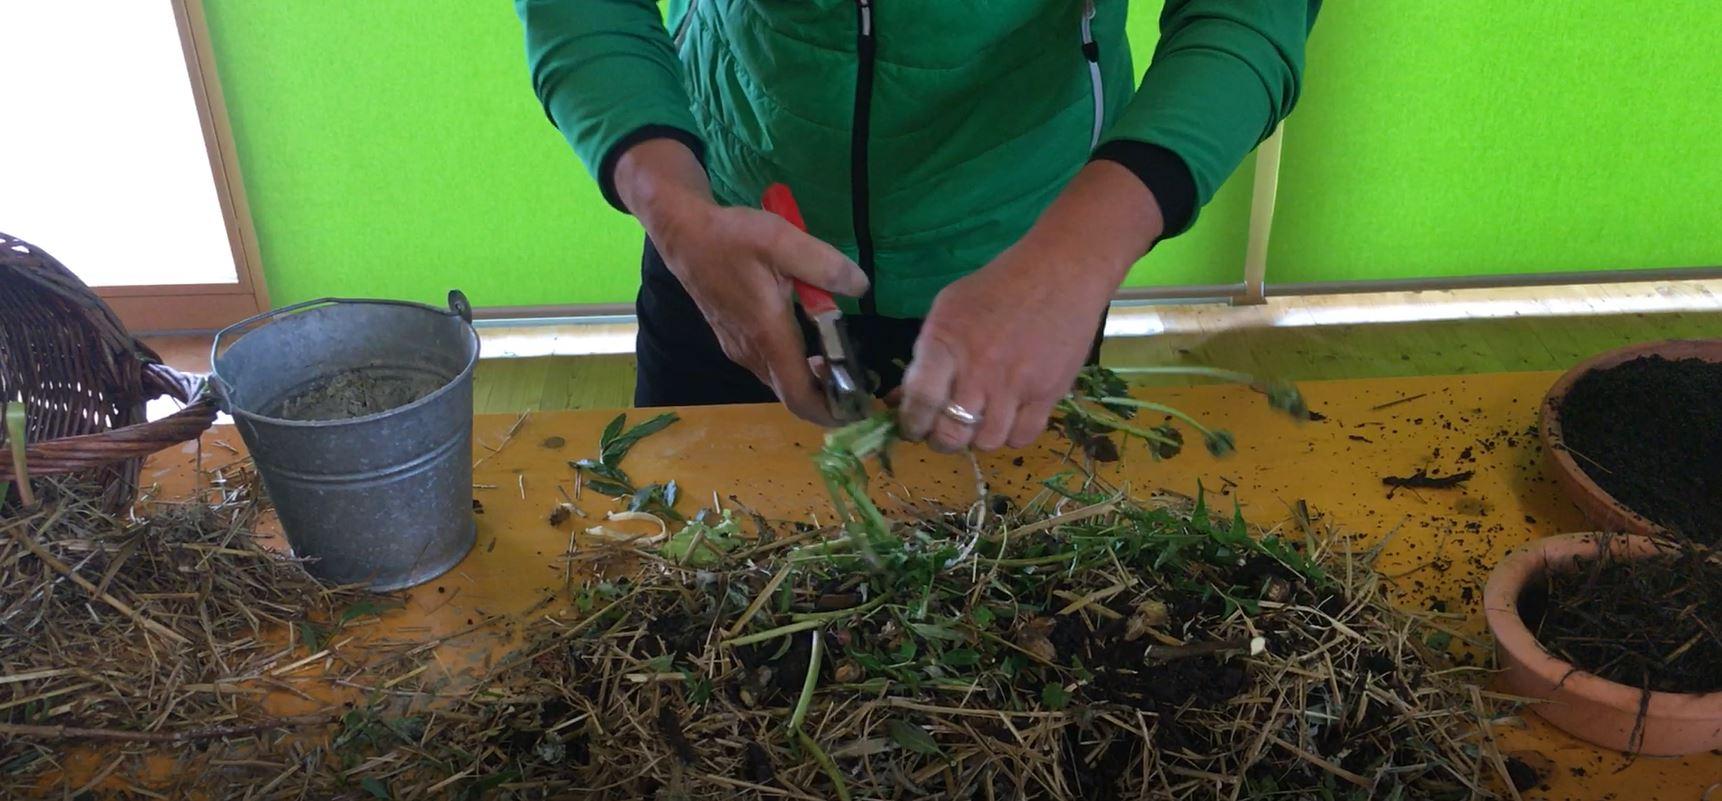 f nf tipps f r das richtigen kompostieren im hausgarten garten vol at. Black Bedroom Furniture Sets. Home Design Ideas